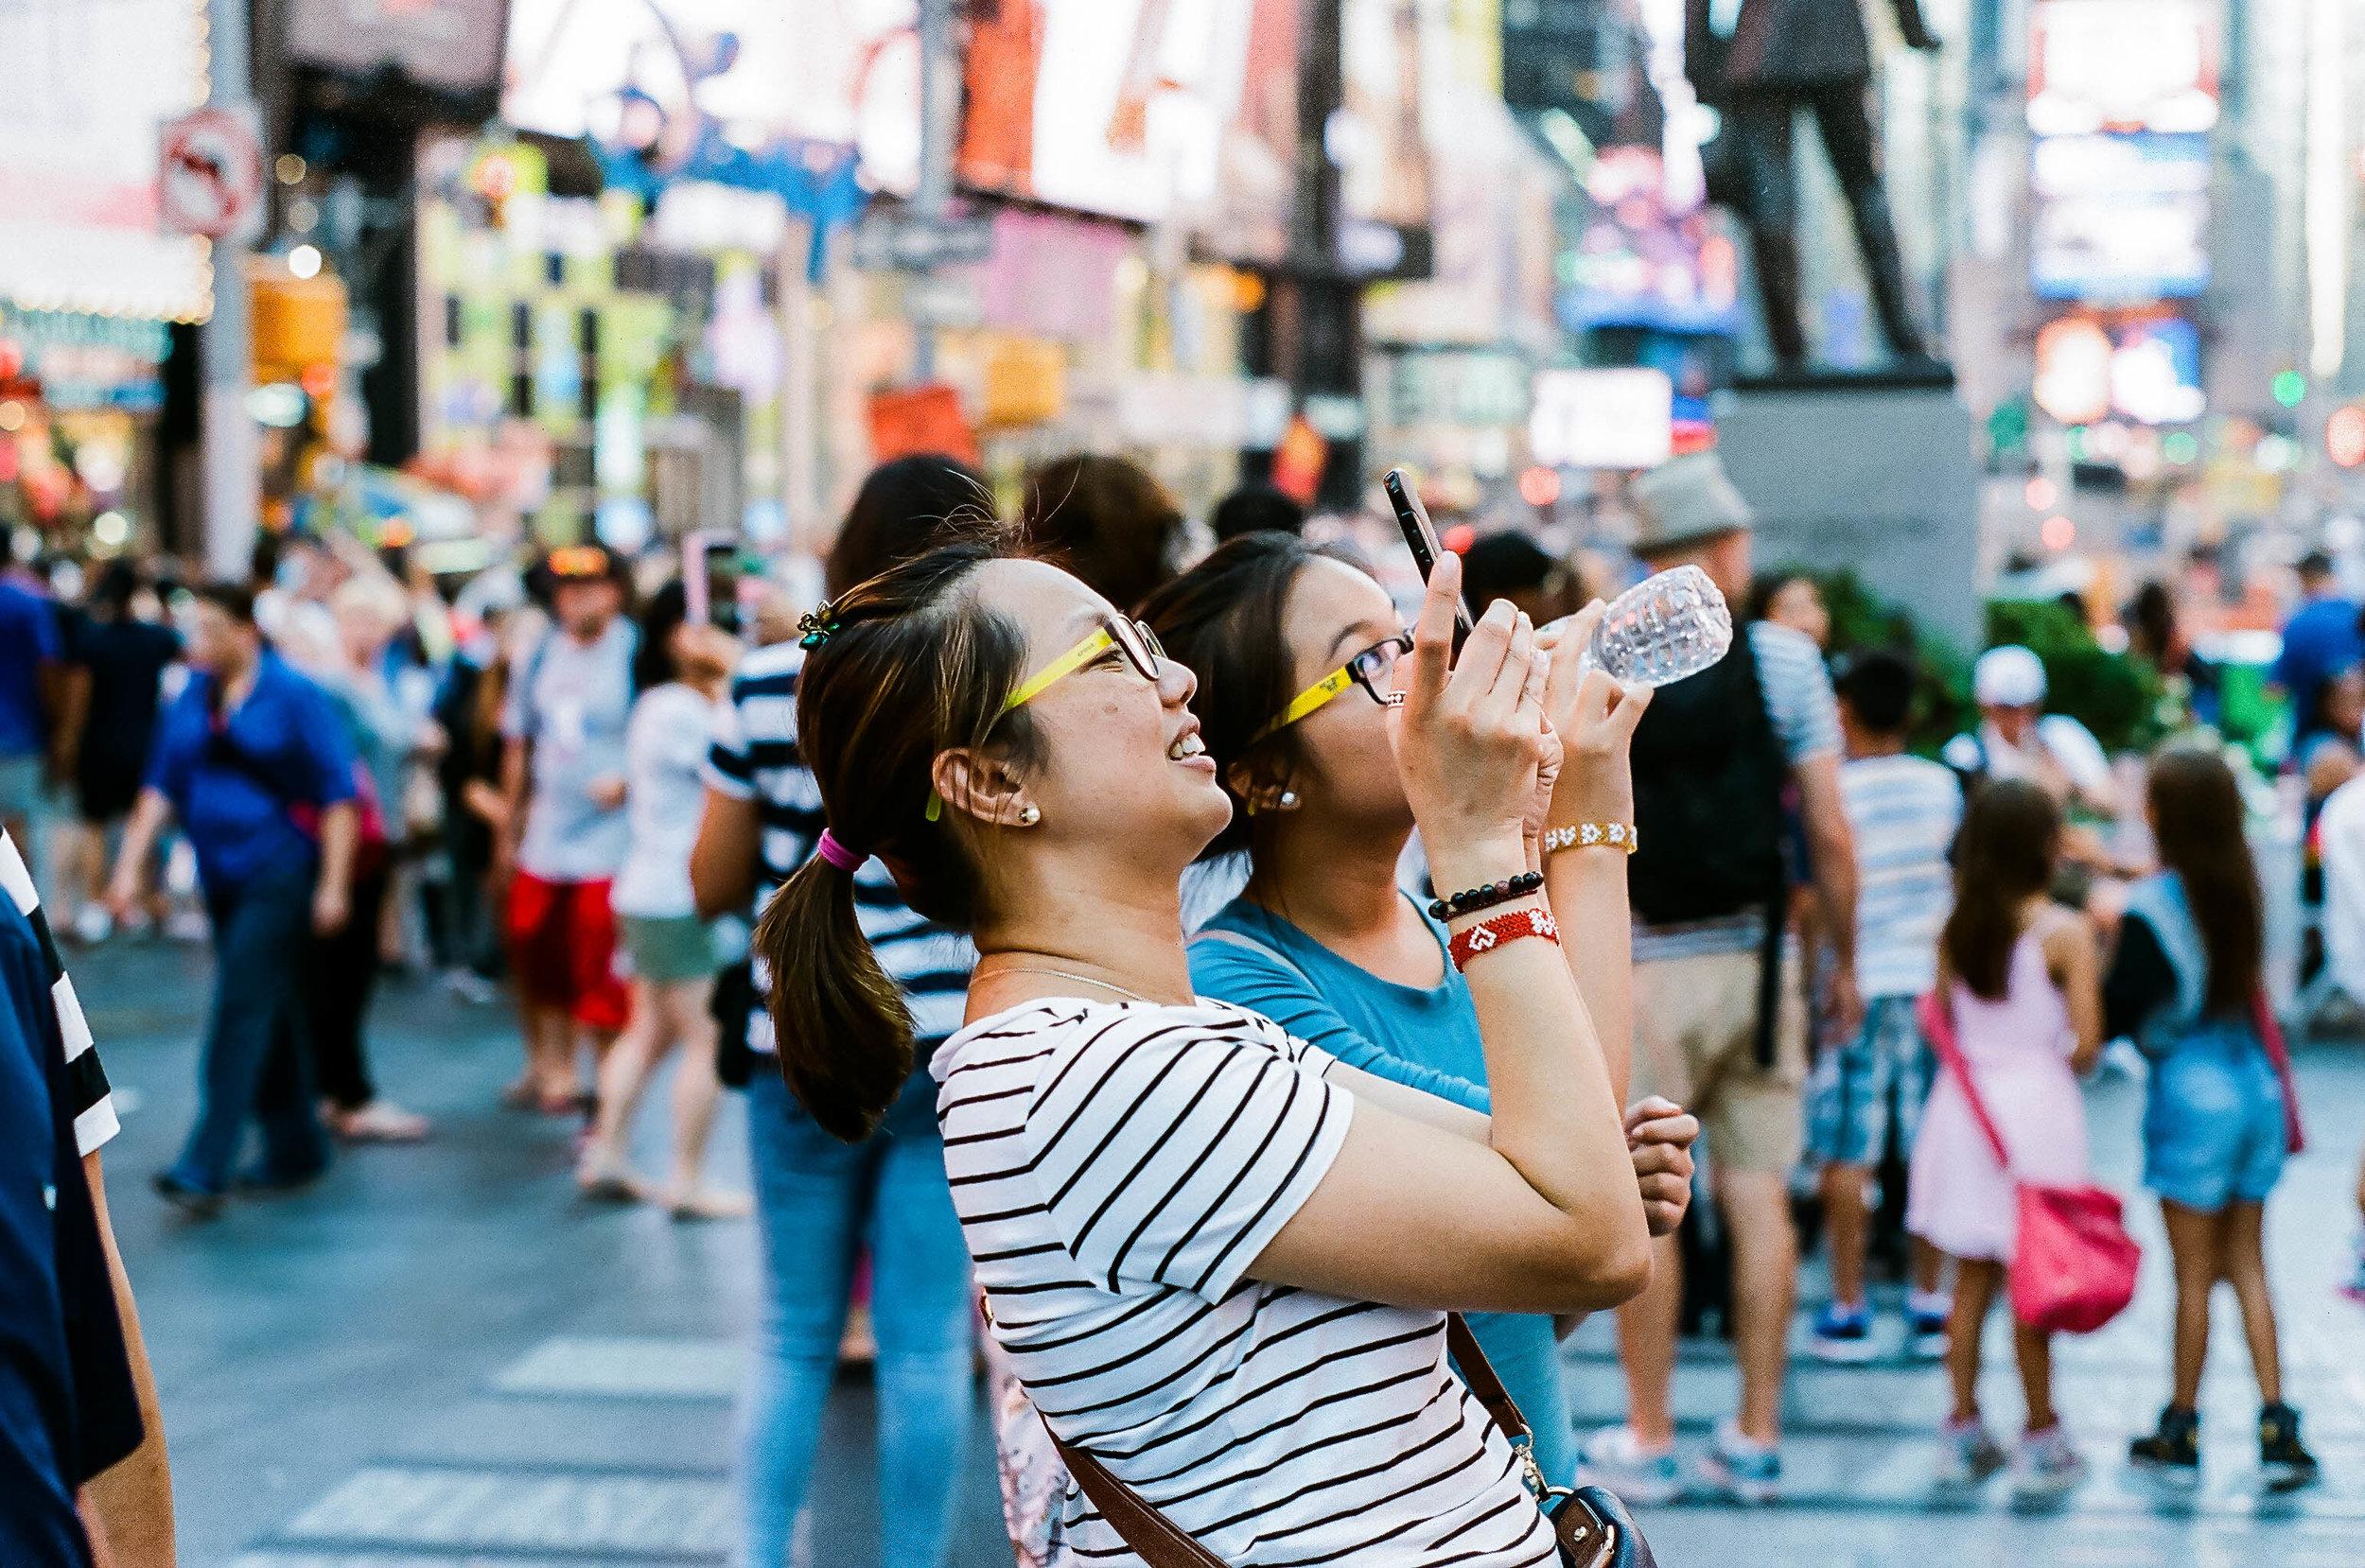 selfies_times_square-8.jpg